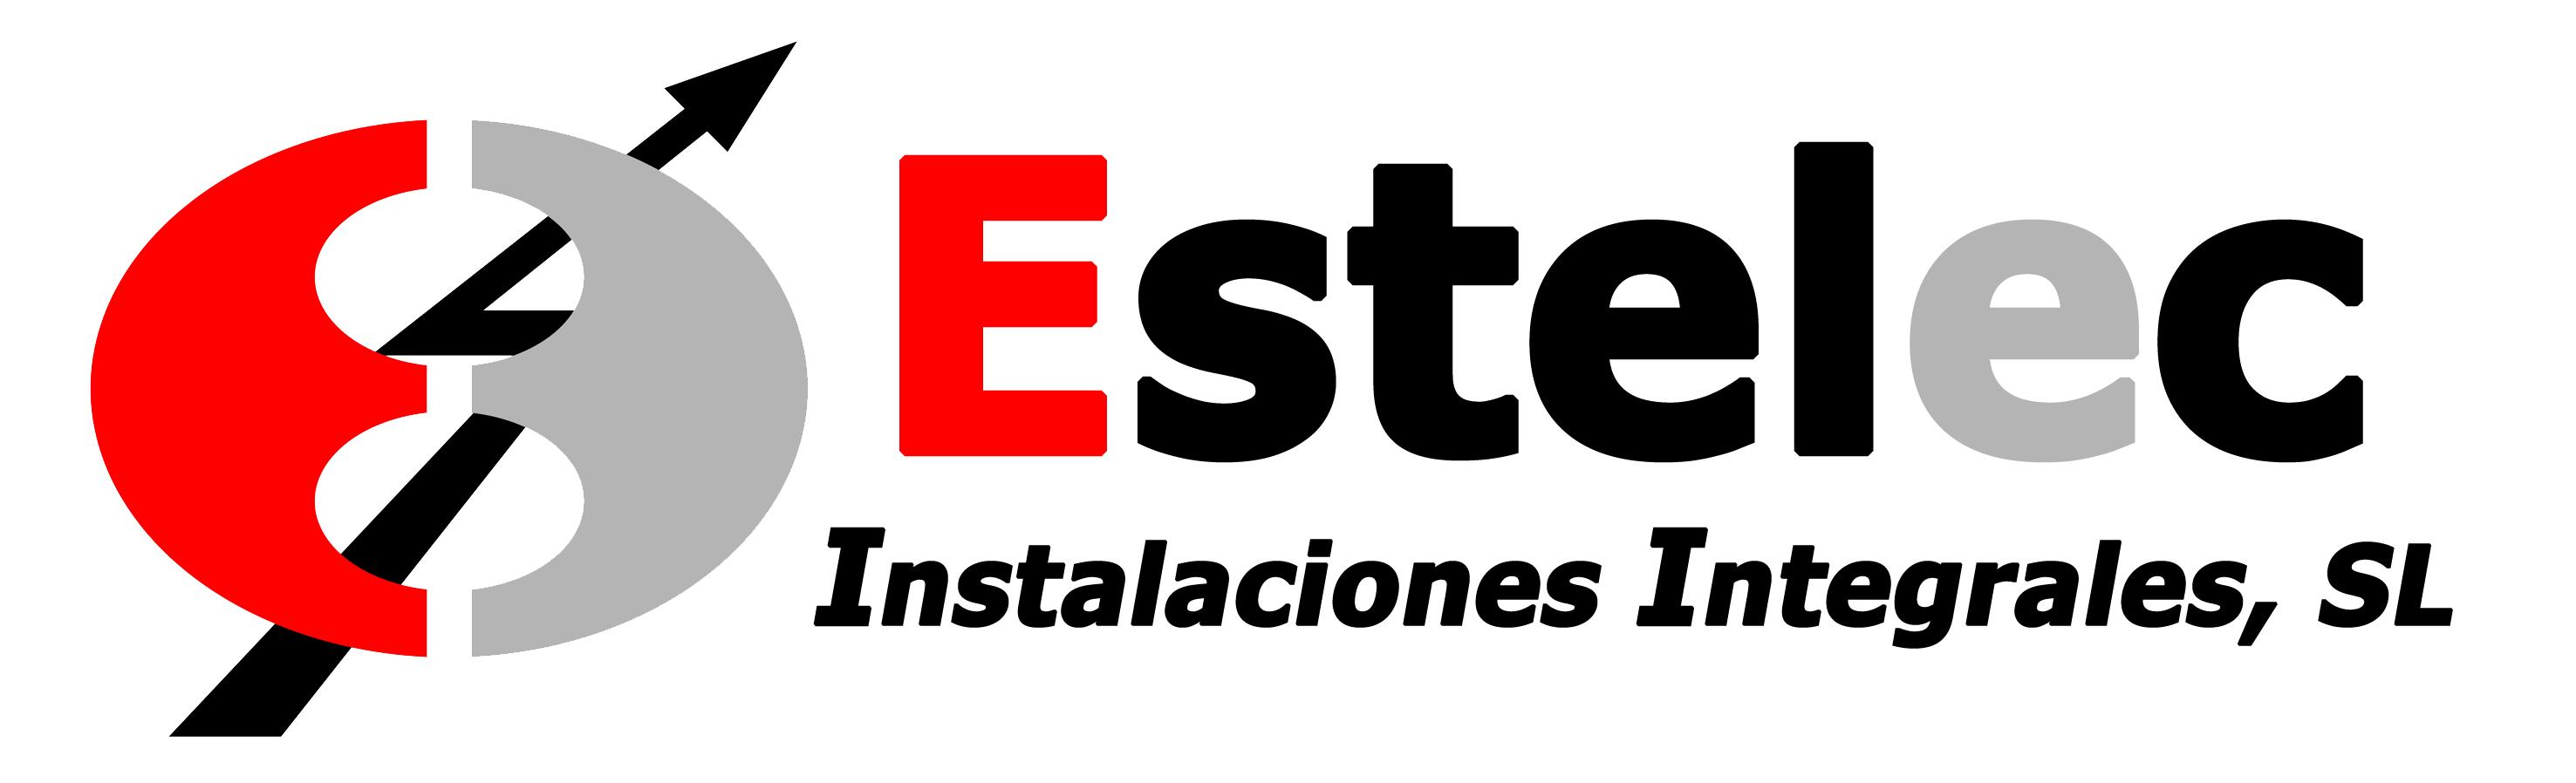 Estelec Instalaciones Integrales, Sl